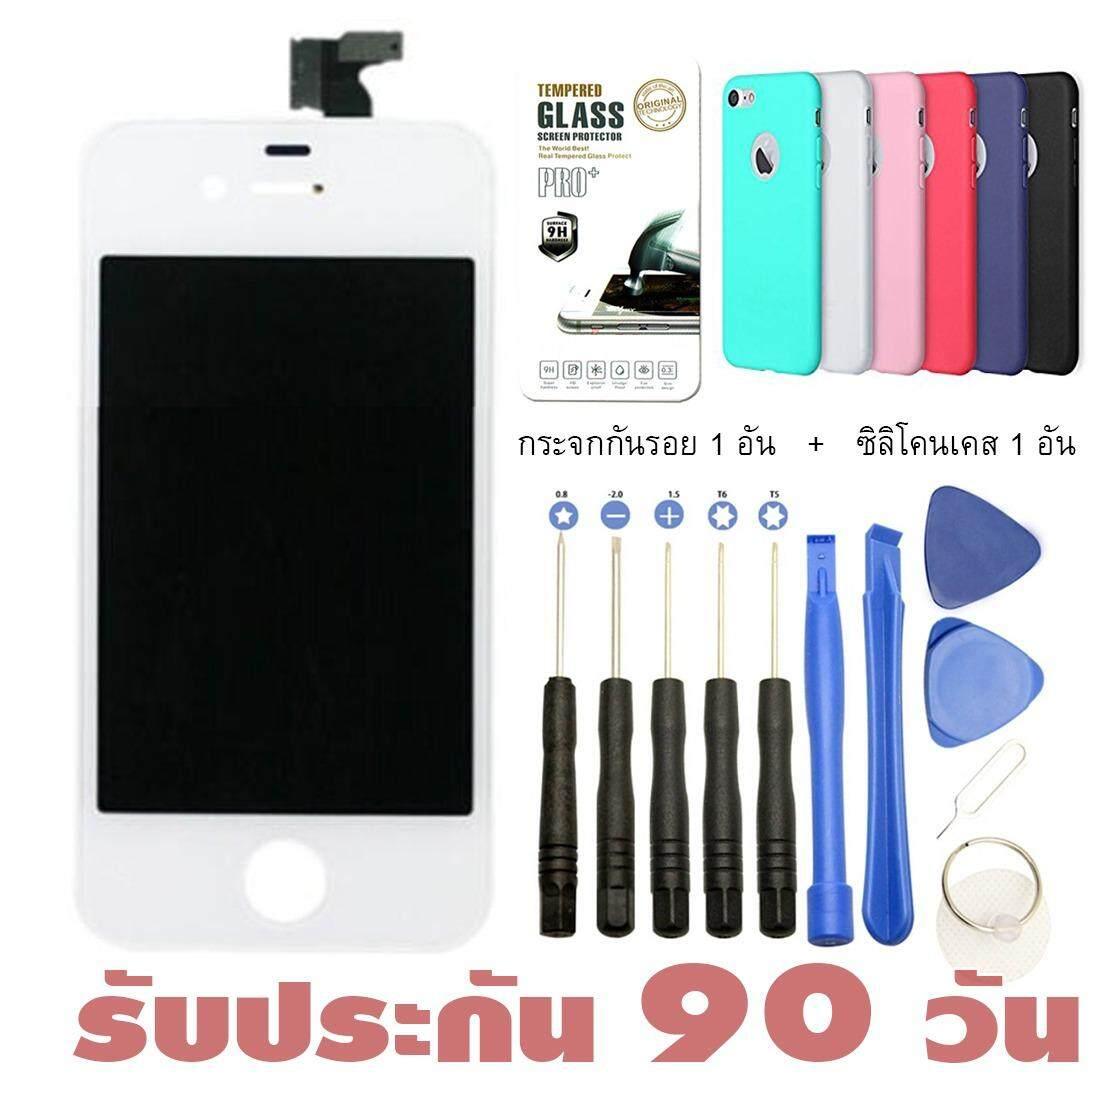 ราคา ประกัน 90 วัน หน้าจอไอโฟน 4 ทัสกรีน สีขาว Iphone 4 Lcd เป็นต้นฉบับ Apple